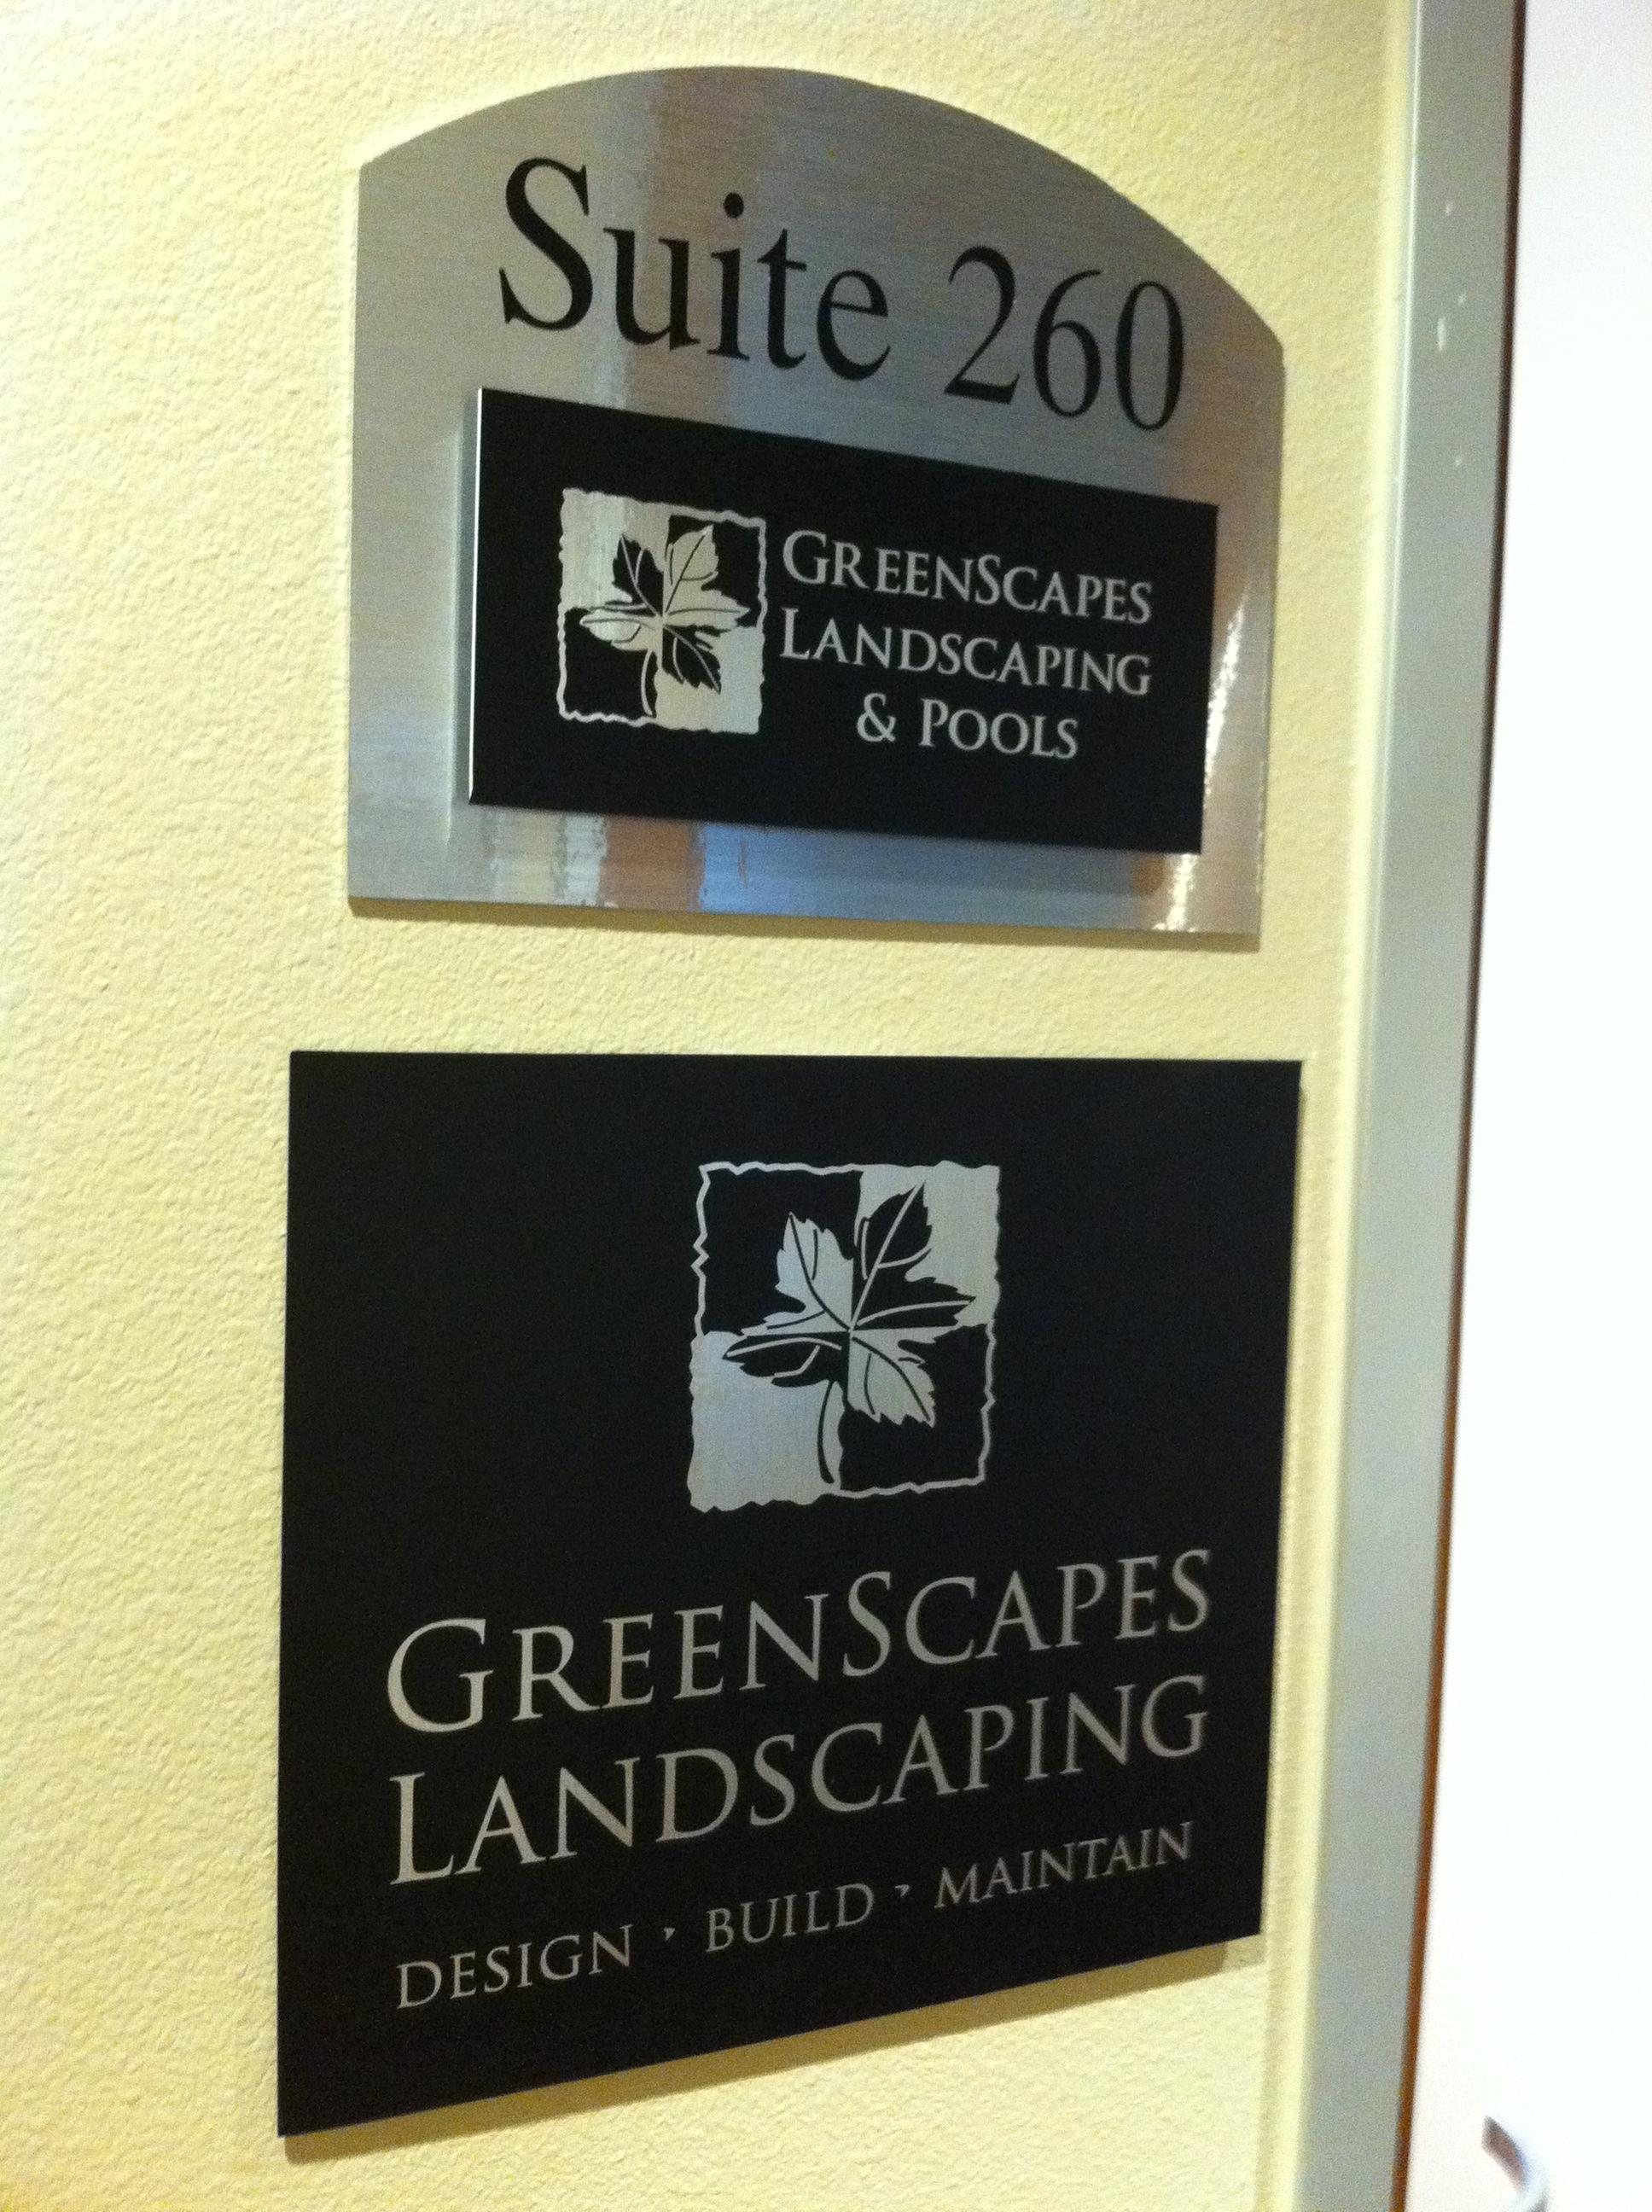 GreenScapes - lk23975.jpg